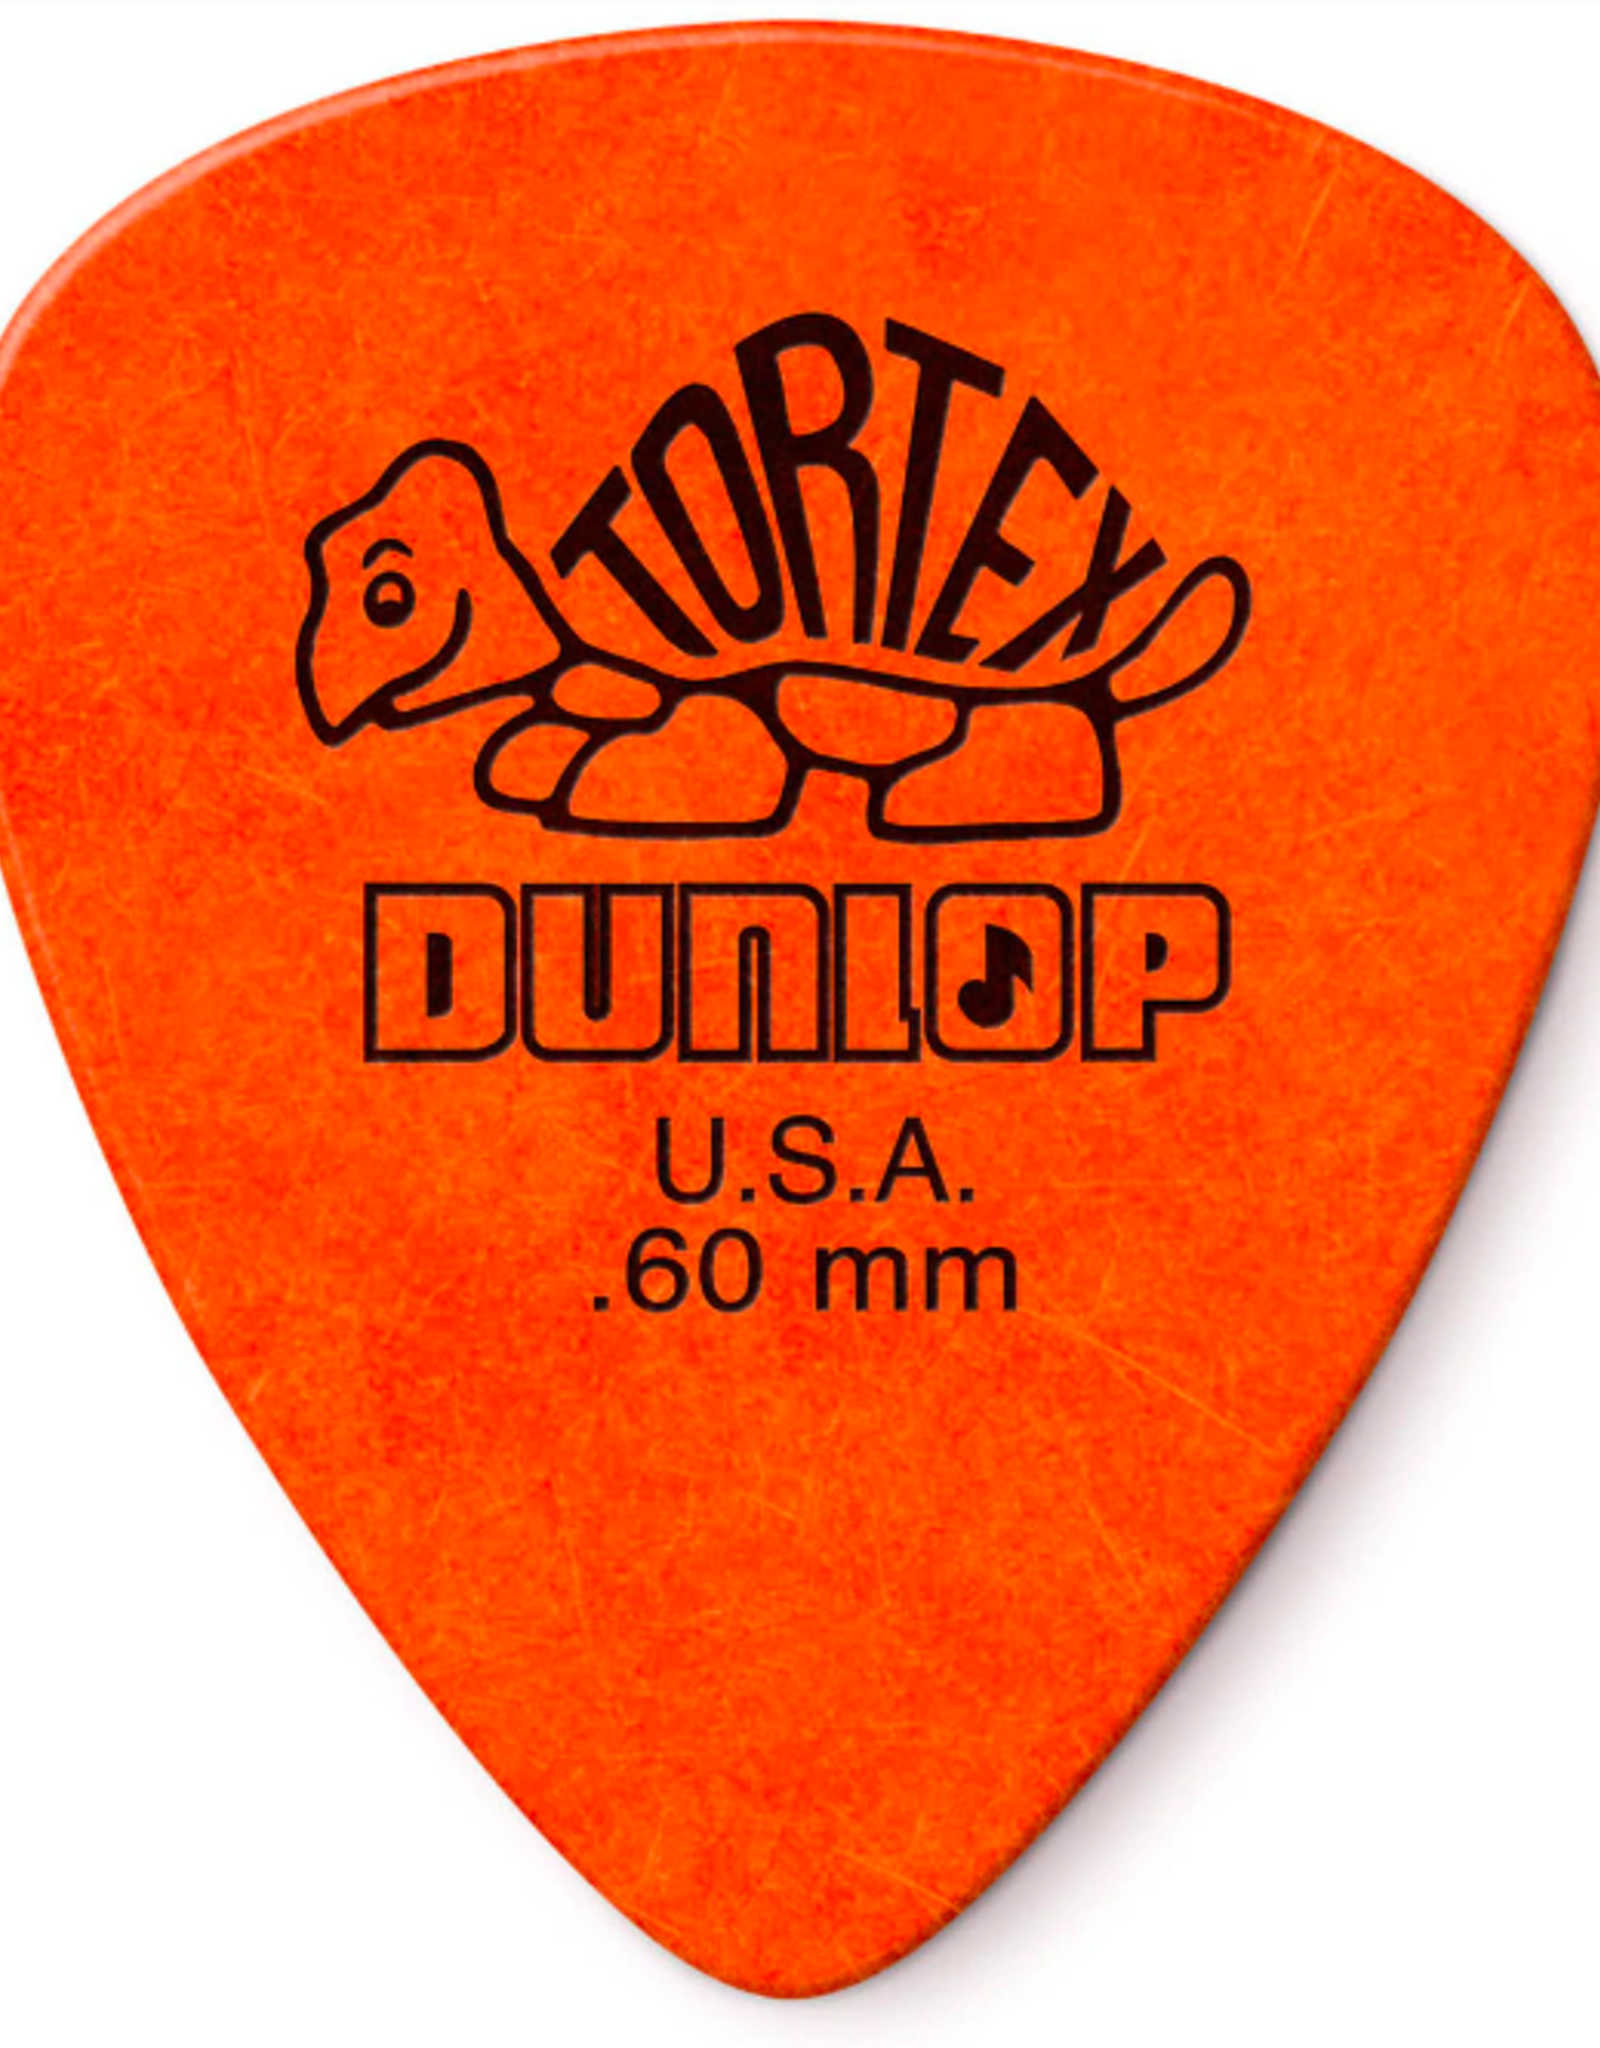 Dunlop Dunlop Tortex Standard 60mm Player Pack